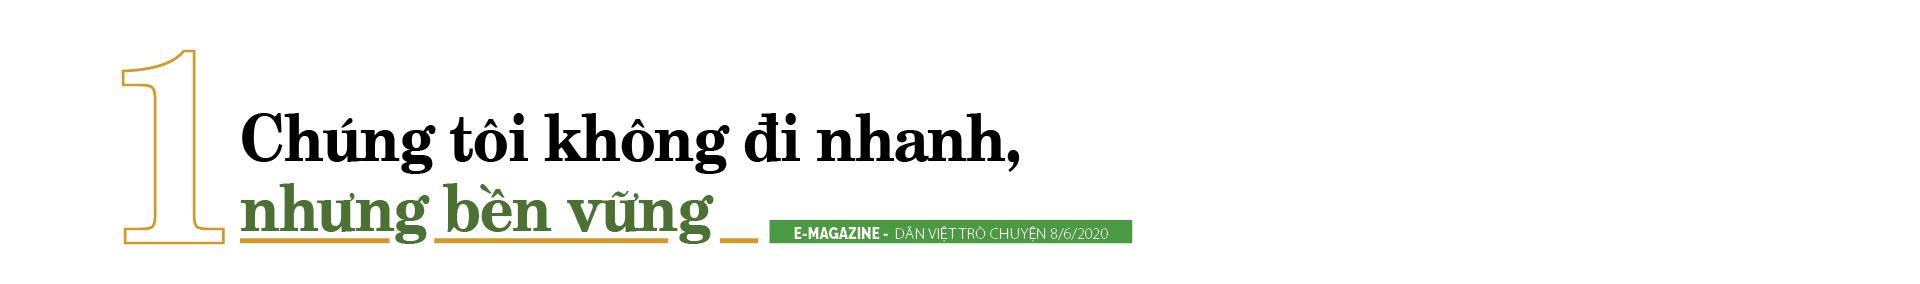 Nếu không có bản sắc, Dân Việt sẽ chỉ là con số 0 - Ảnh 4.